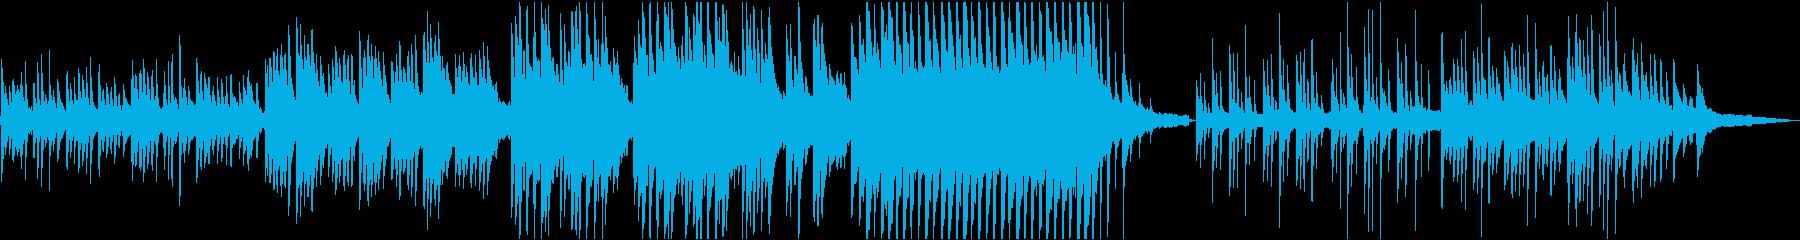 牧歌的なピアノソロの再生済みの波形